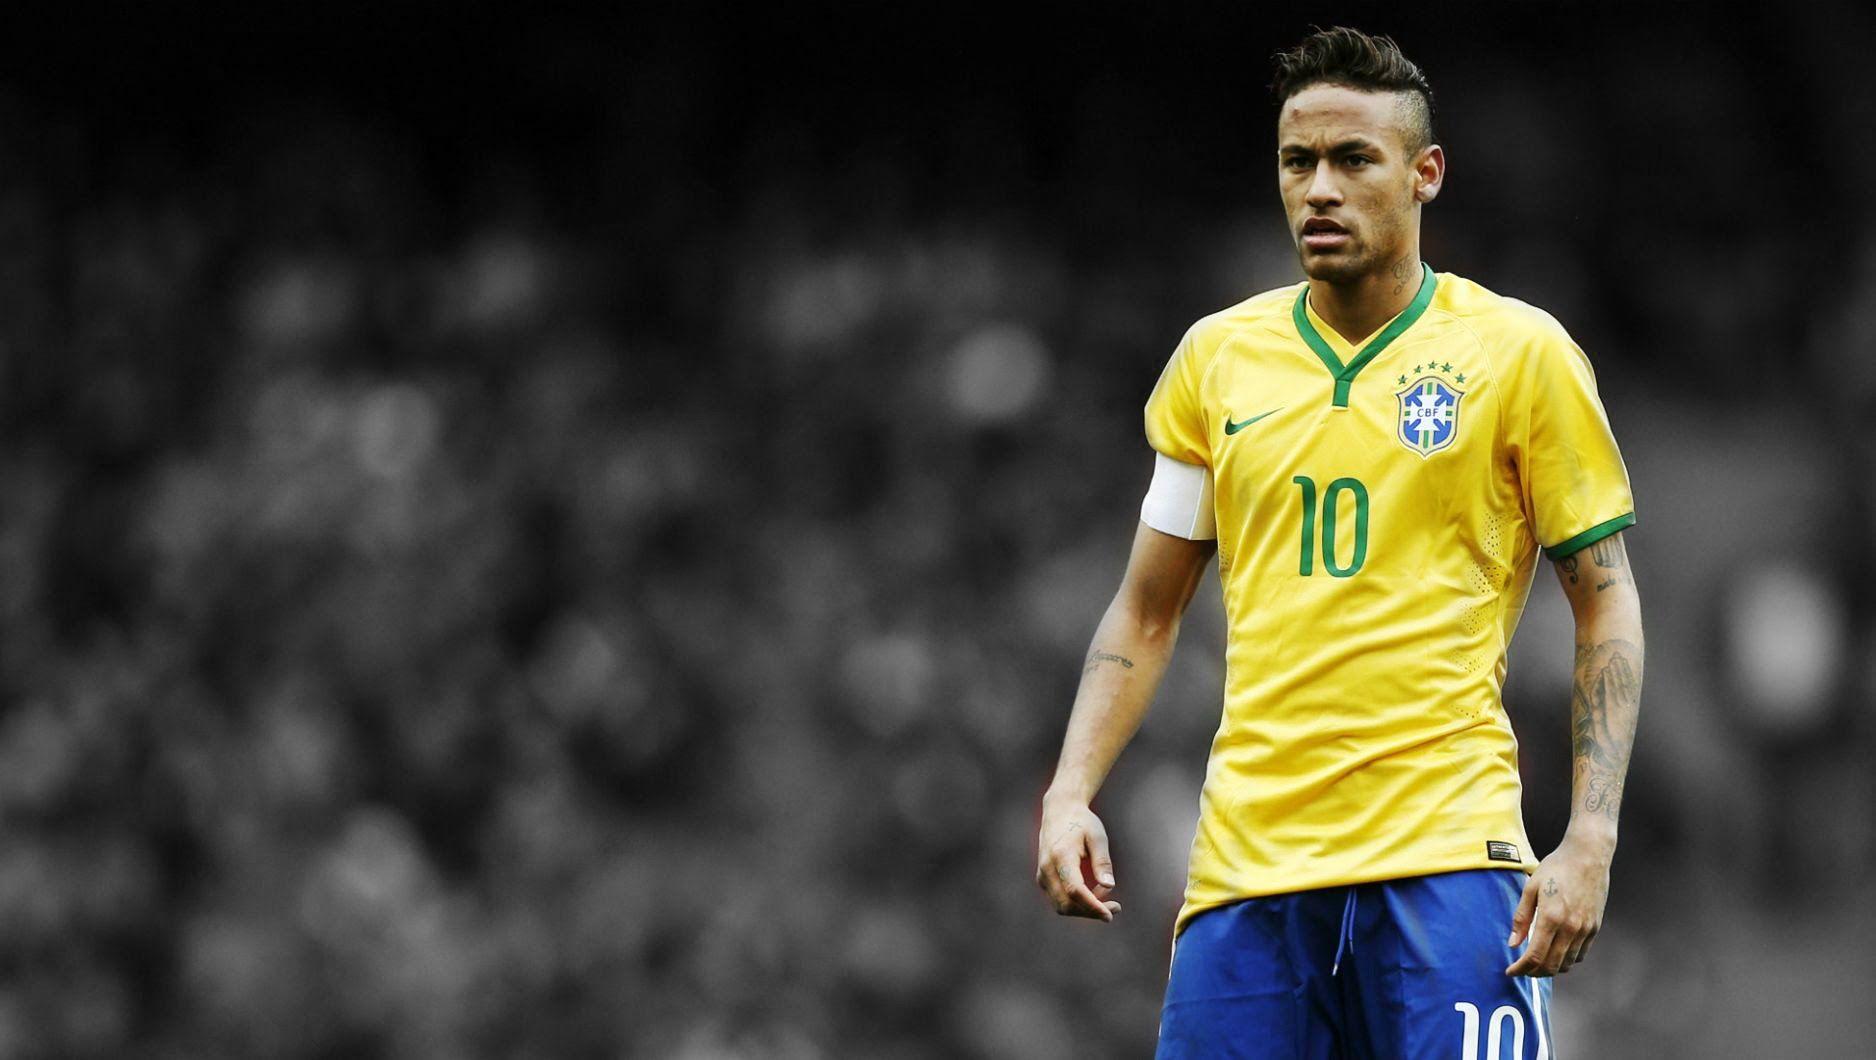 Según medios brasileños, Neymar no estará en la Copa América Centenario